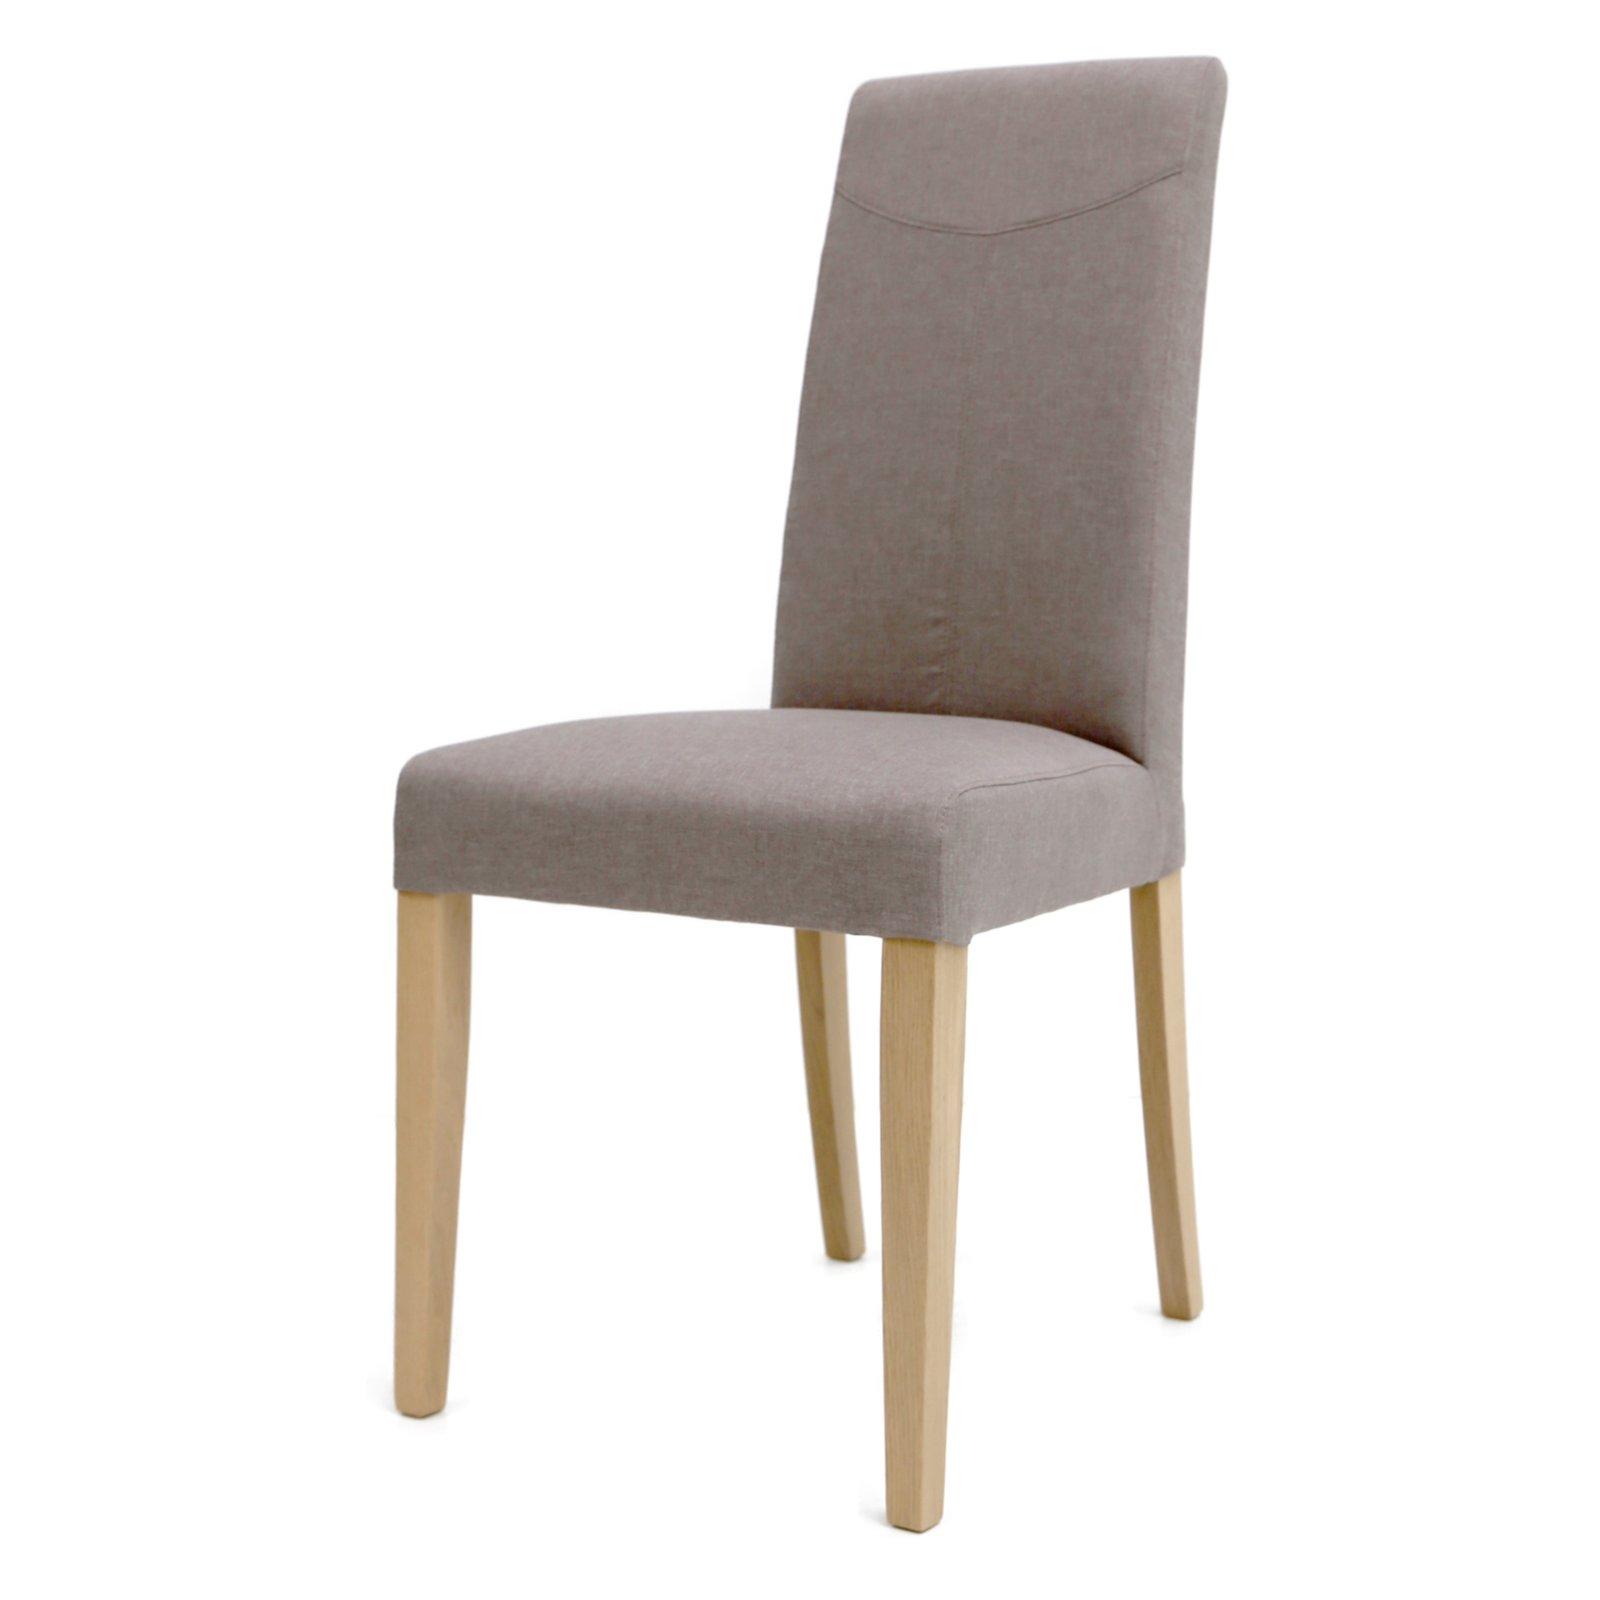 polsterstuhl bonn taupe eiche bianco massiv polsterst hle st hle st hle hocker. Black Bedroom Furniture Sets. Home Design Ideas